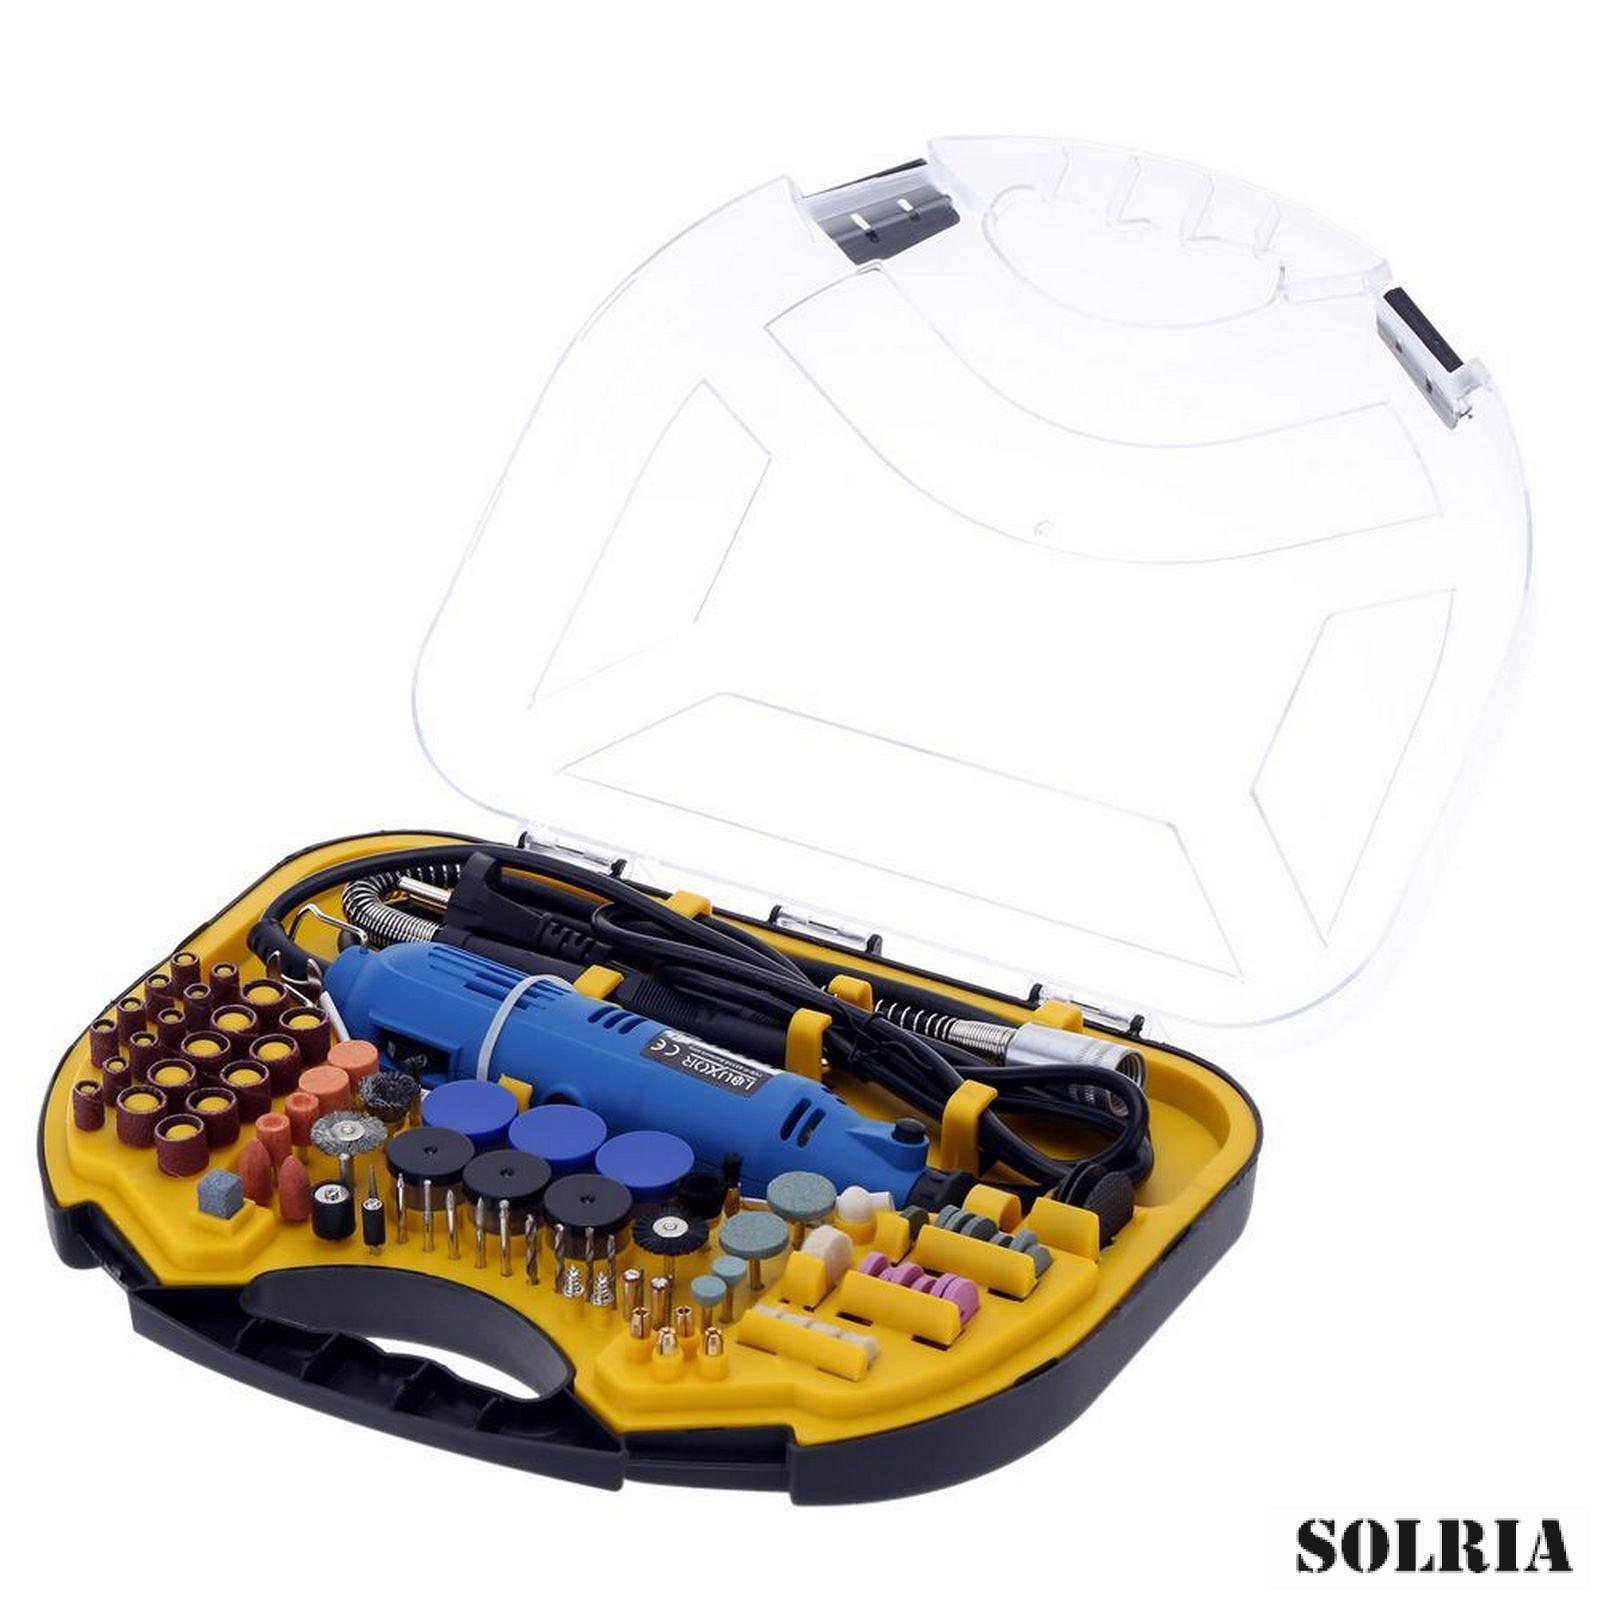 130 واط مطحنة كهربائية ، متغيرة بلا حدود متعددة الوظائف سرعة الحفر اليد ، المنزلية آلة الحفر الكهربائية الصغيرة للعمل